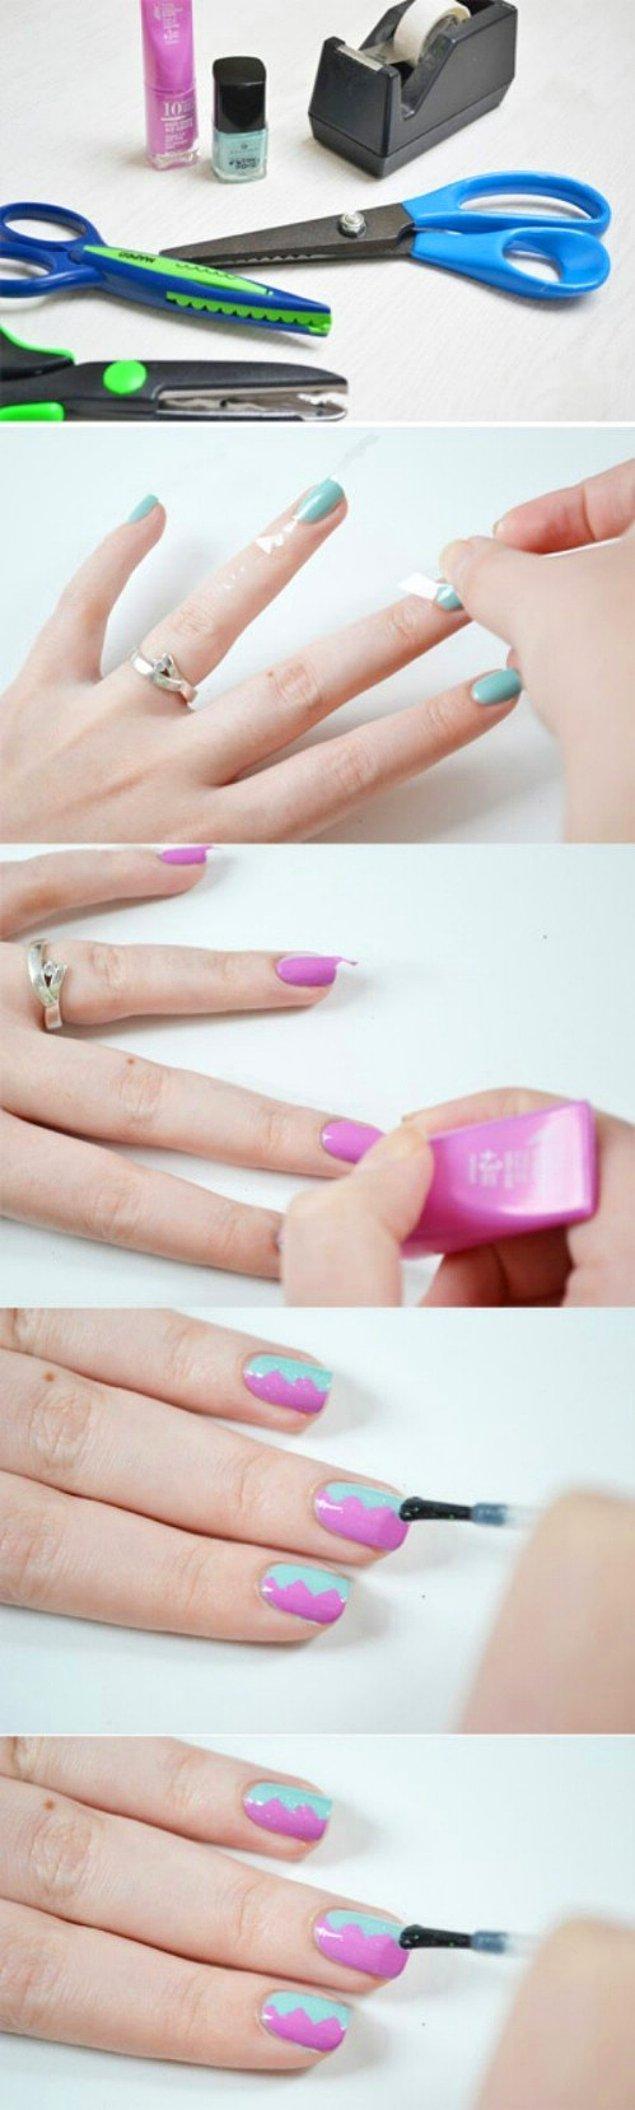 12. ''Yok ben daha renkli şeylerden hoşlanıyorum'' diyenler, aynı deseni farklı renk bloklarıyla kullanabilir.